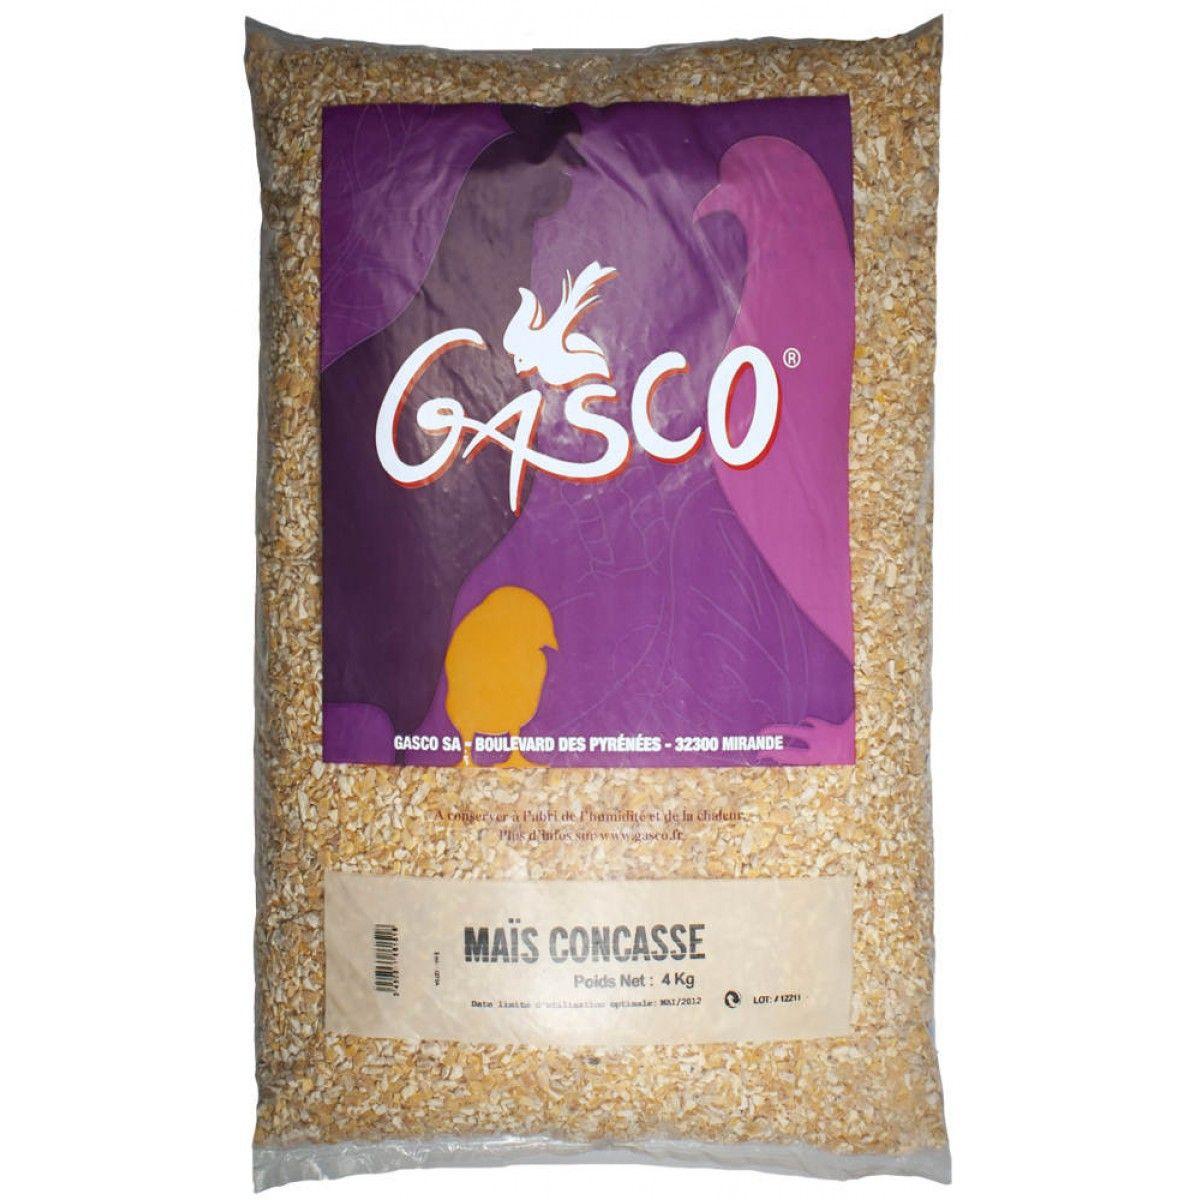 GASCO- Alimentation Basse Cour - Mais Concasse